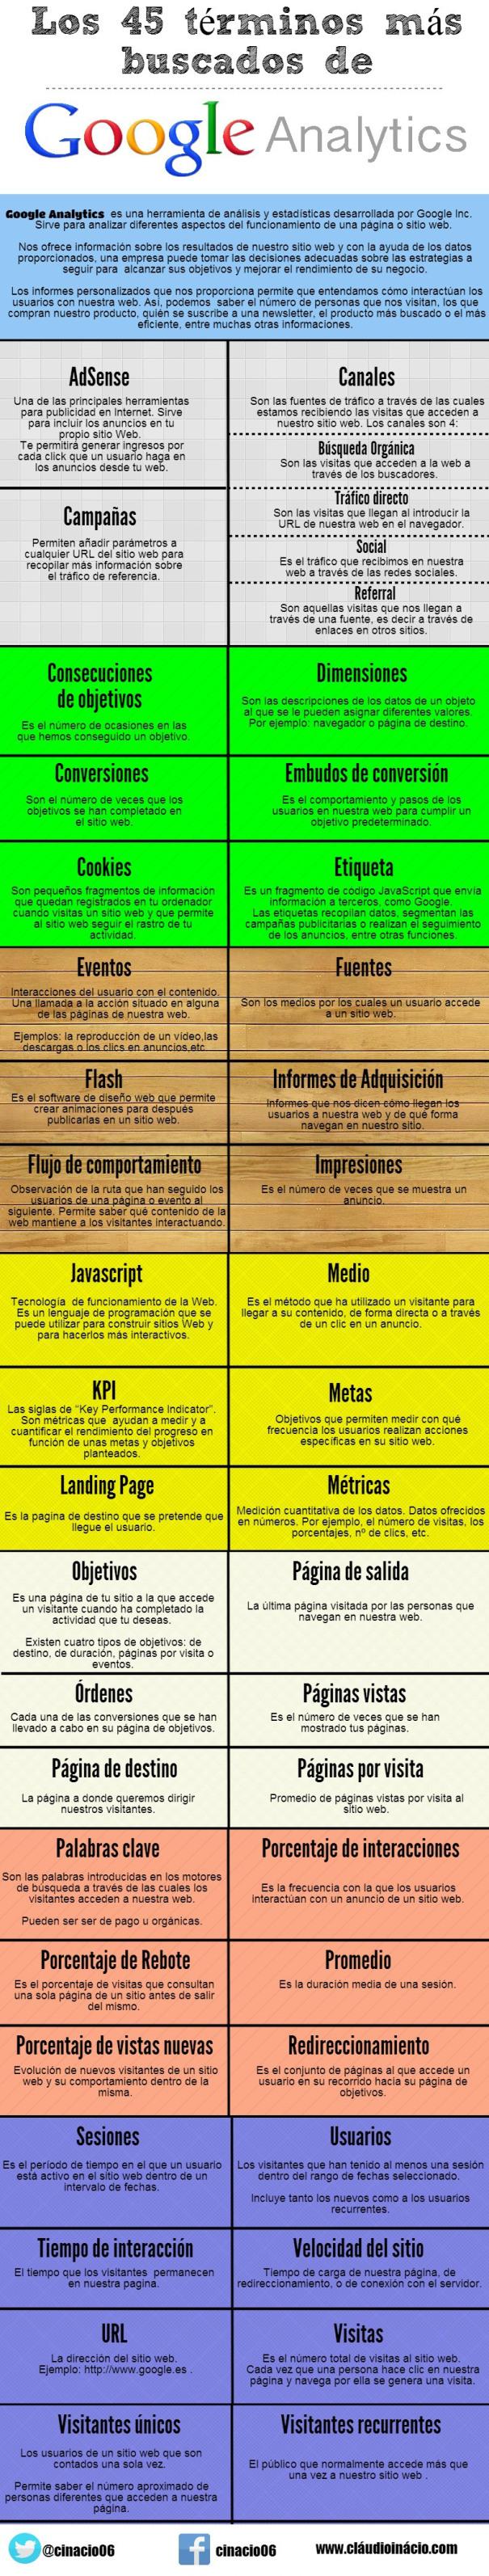 Los 45 términos más buscados en Google Analytics